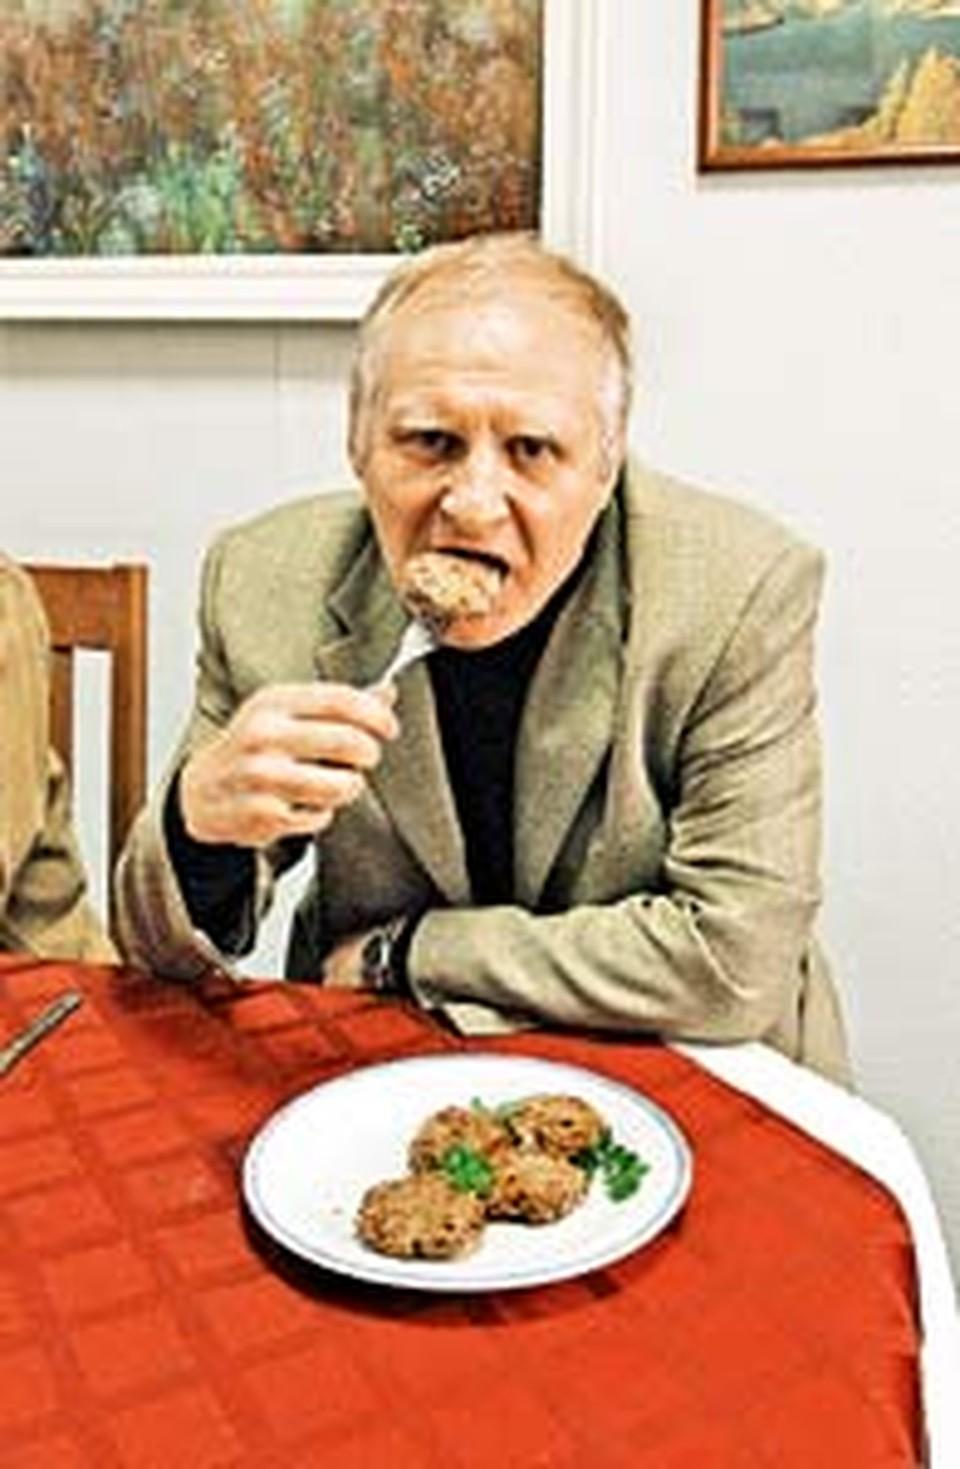 До диеты - 99 кг, через неделю -  95 кг: Без картошки и без хлеба ем десятую котлету!